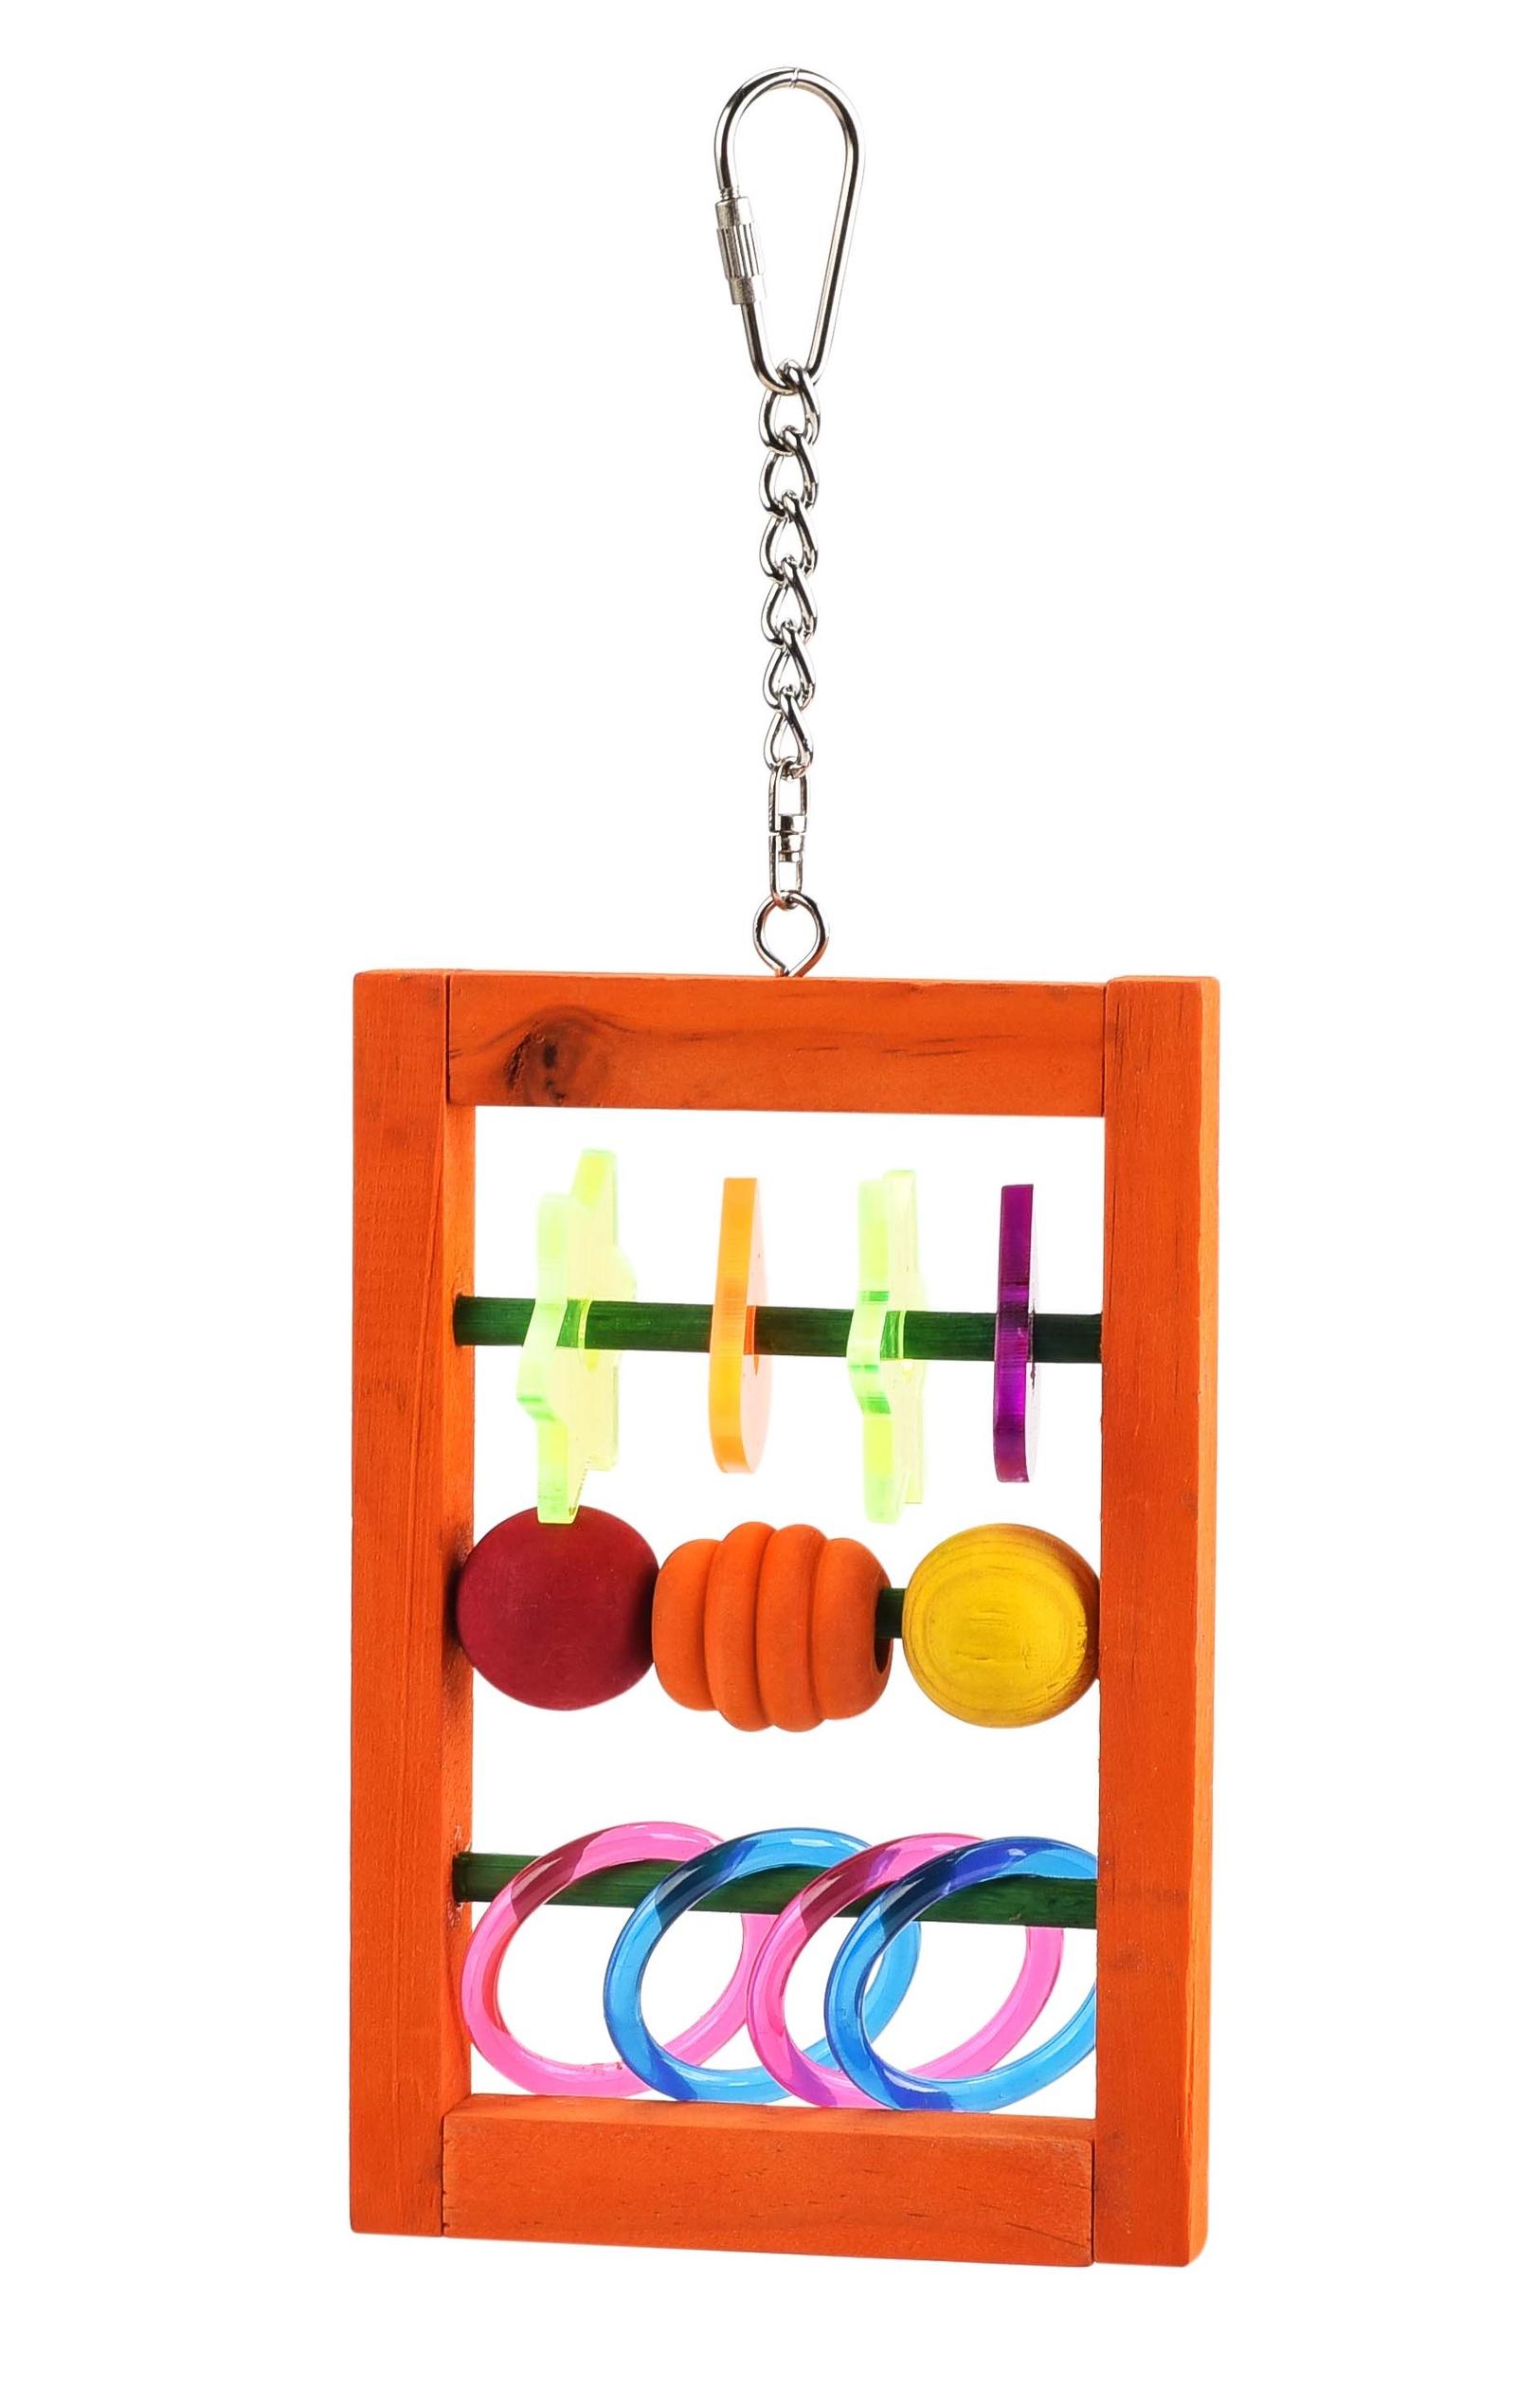 Игрушка для птиц SKY Acrylic Hanger, мультиколор, 15см (Великобритания)